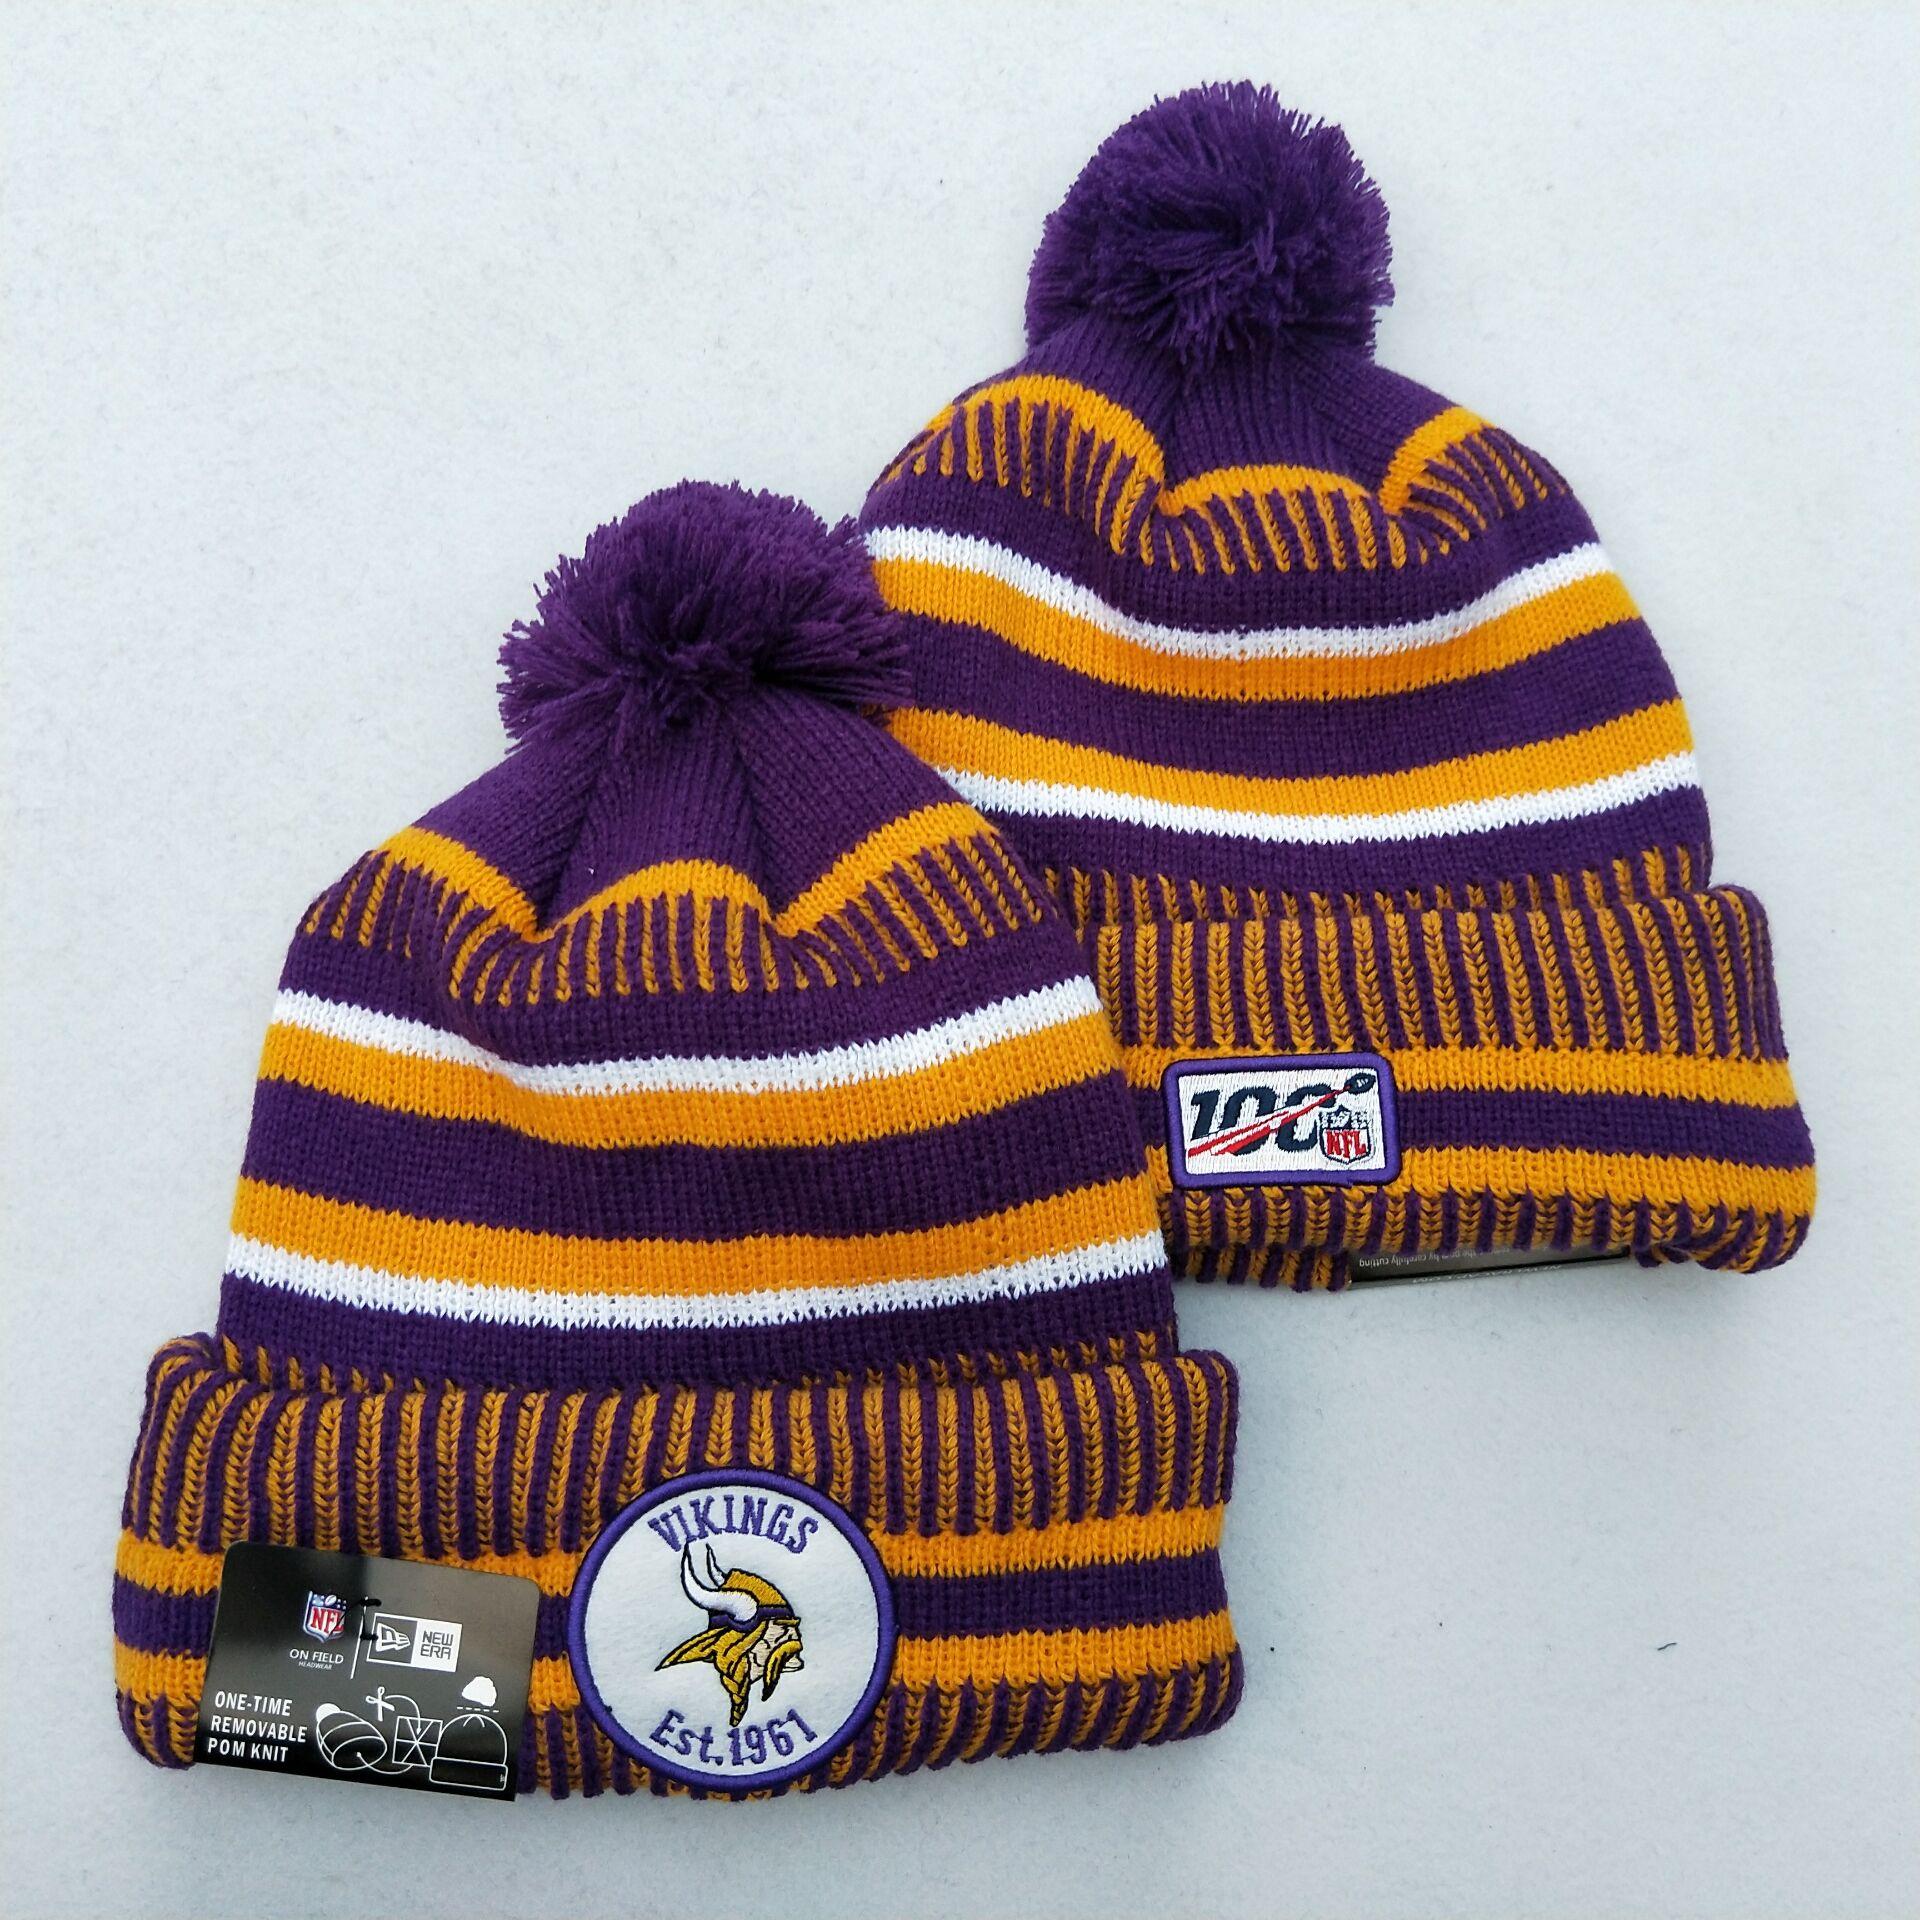 Vikings Team Logo Yellow Purple 100th Season Pom Knit Hat YD